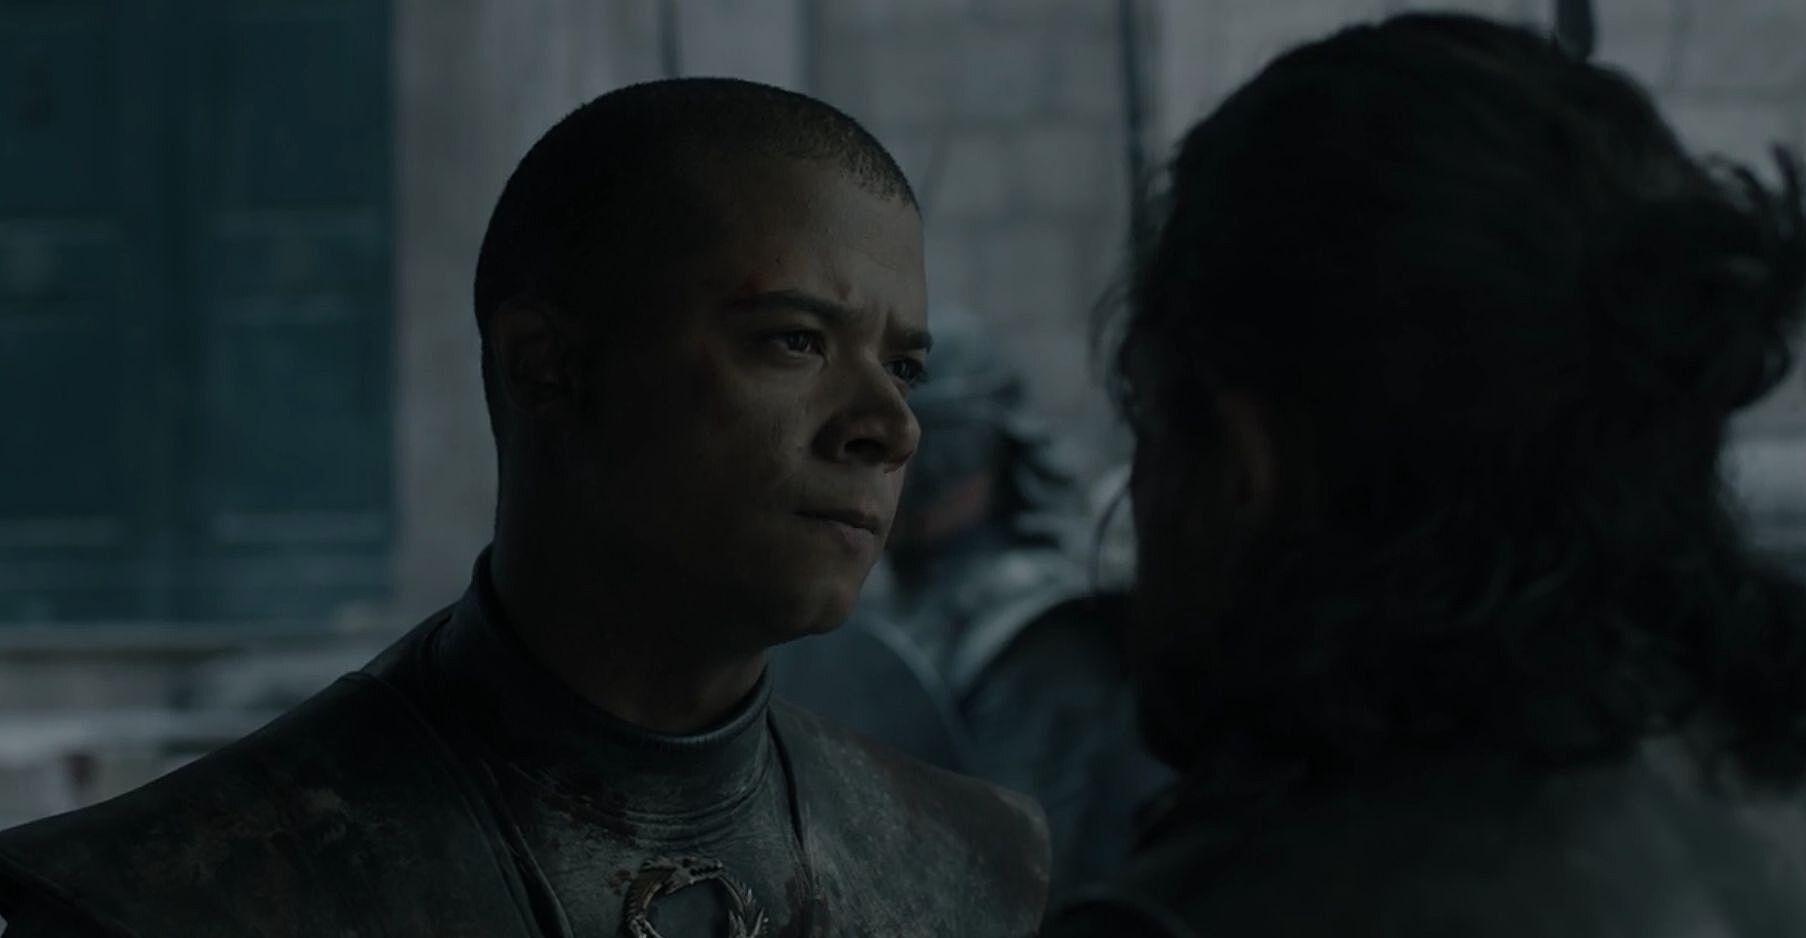 Game of Thrones Screencap Recap: